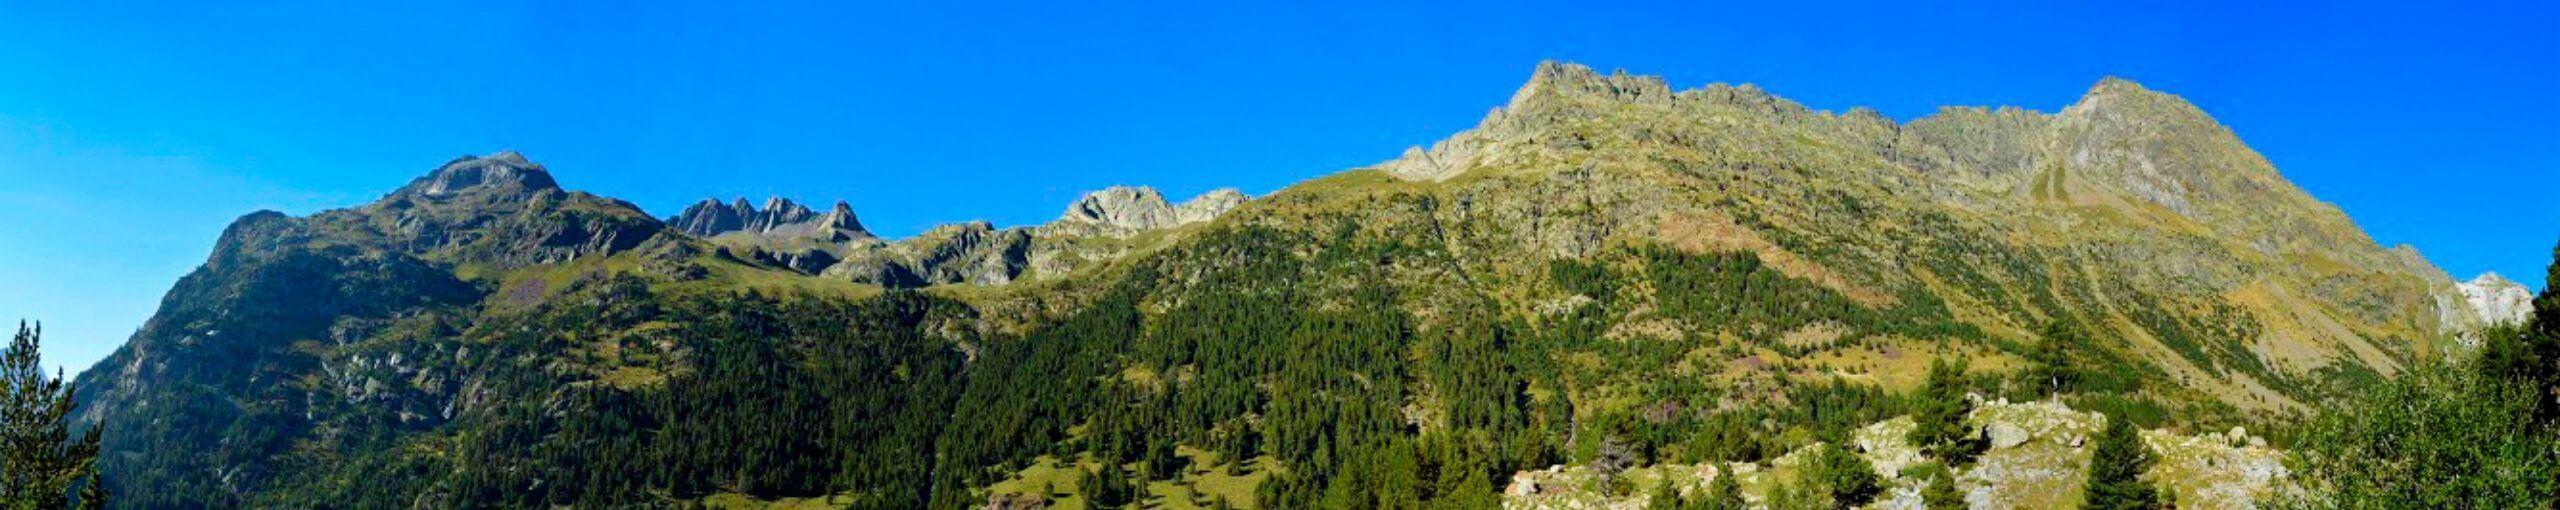 Tour del Aneto. Lérida, Huesca y Alto Garona. Cordillera de Pirineos.